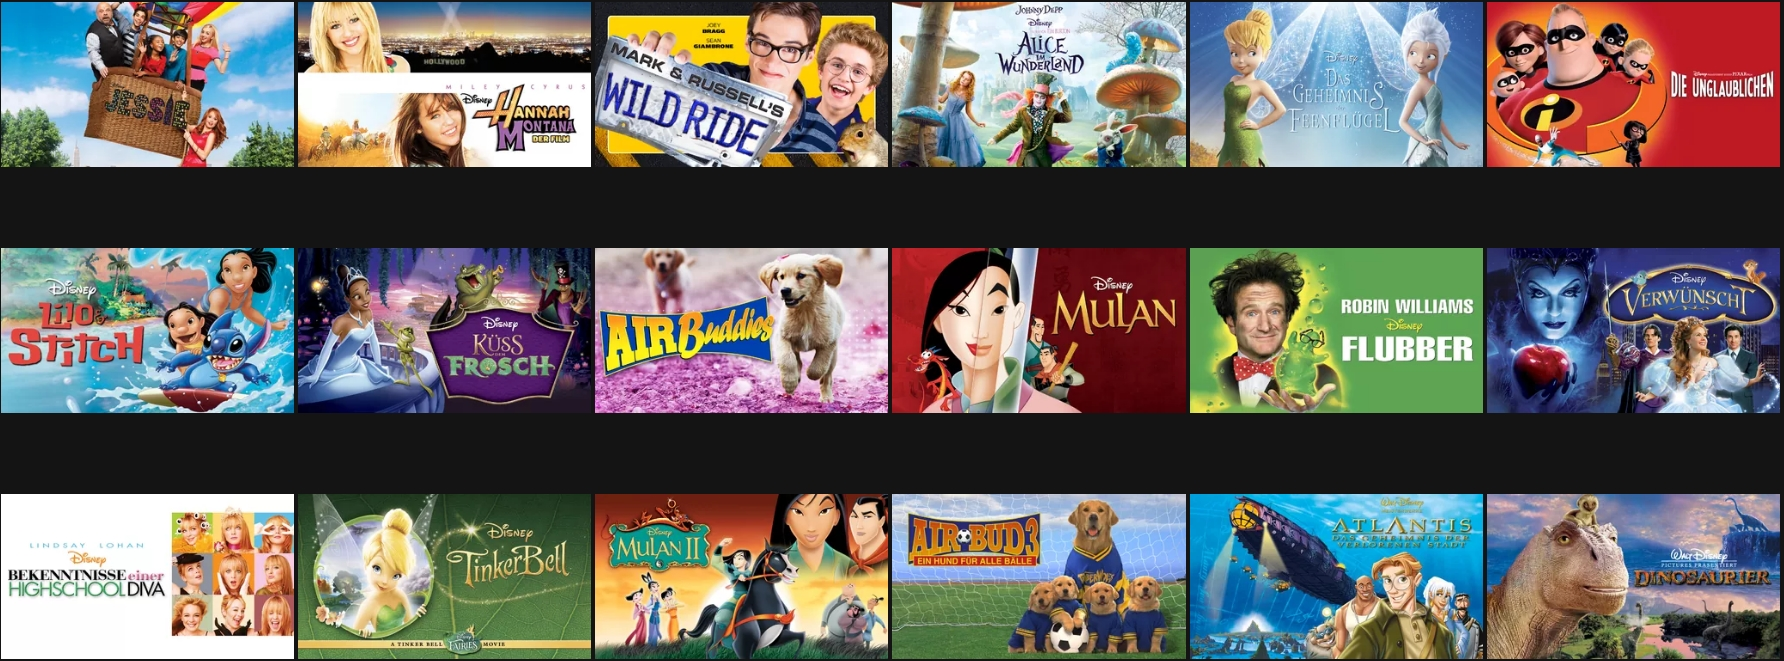 Disney Channel Mediathek Ganze Disney Serien Und Filme